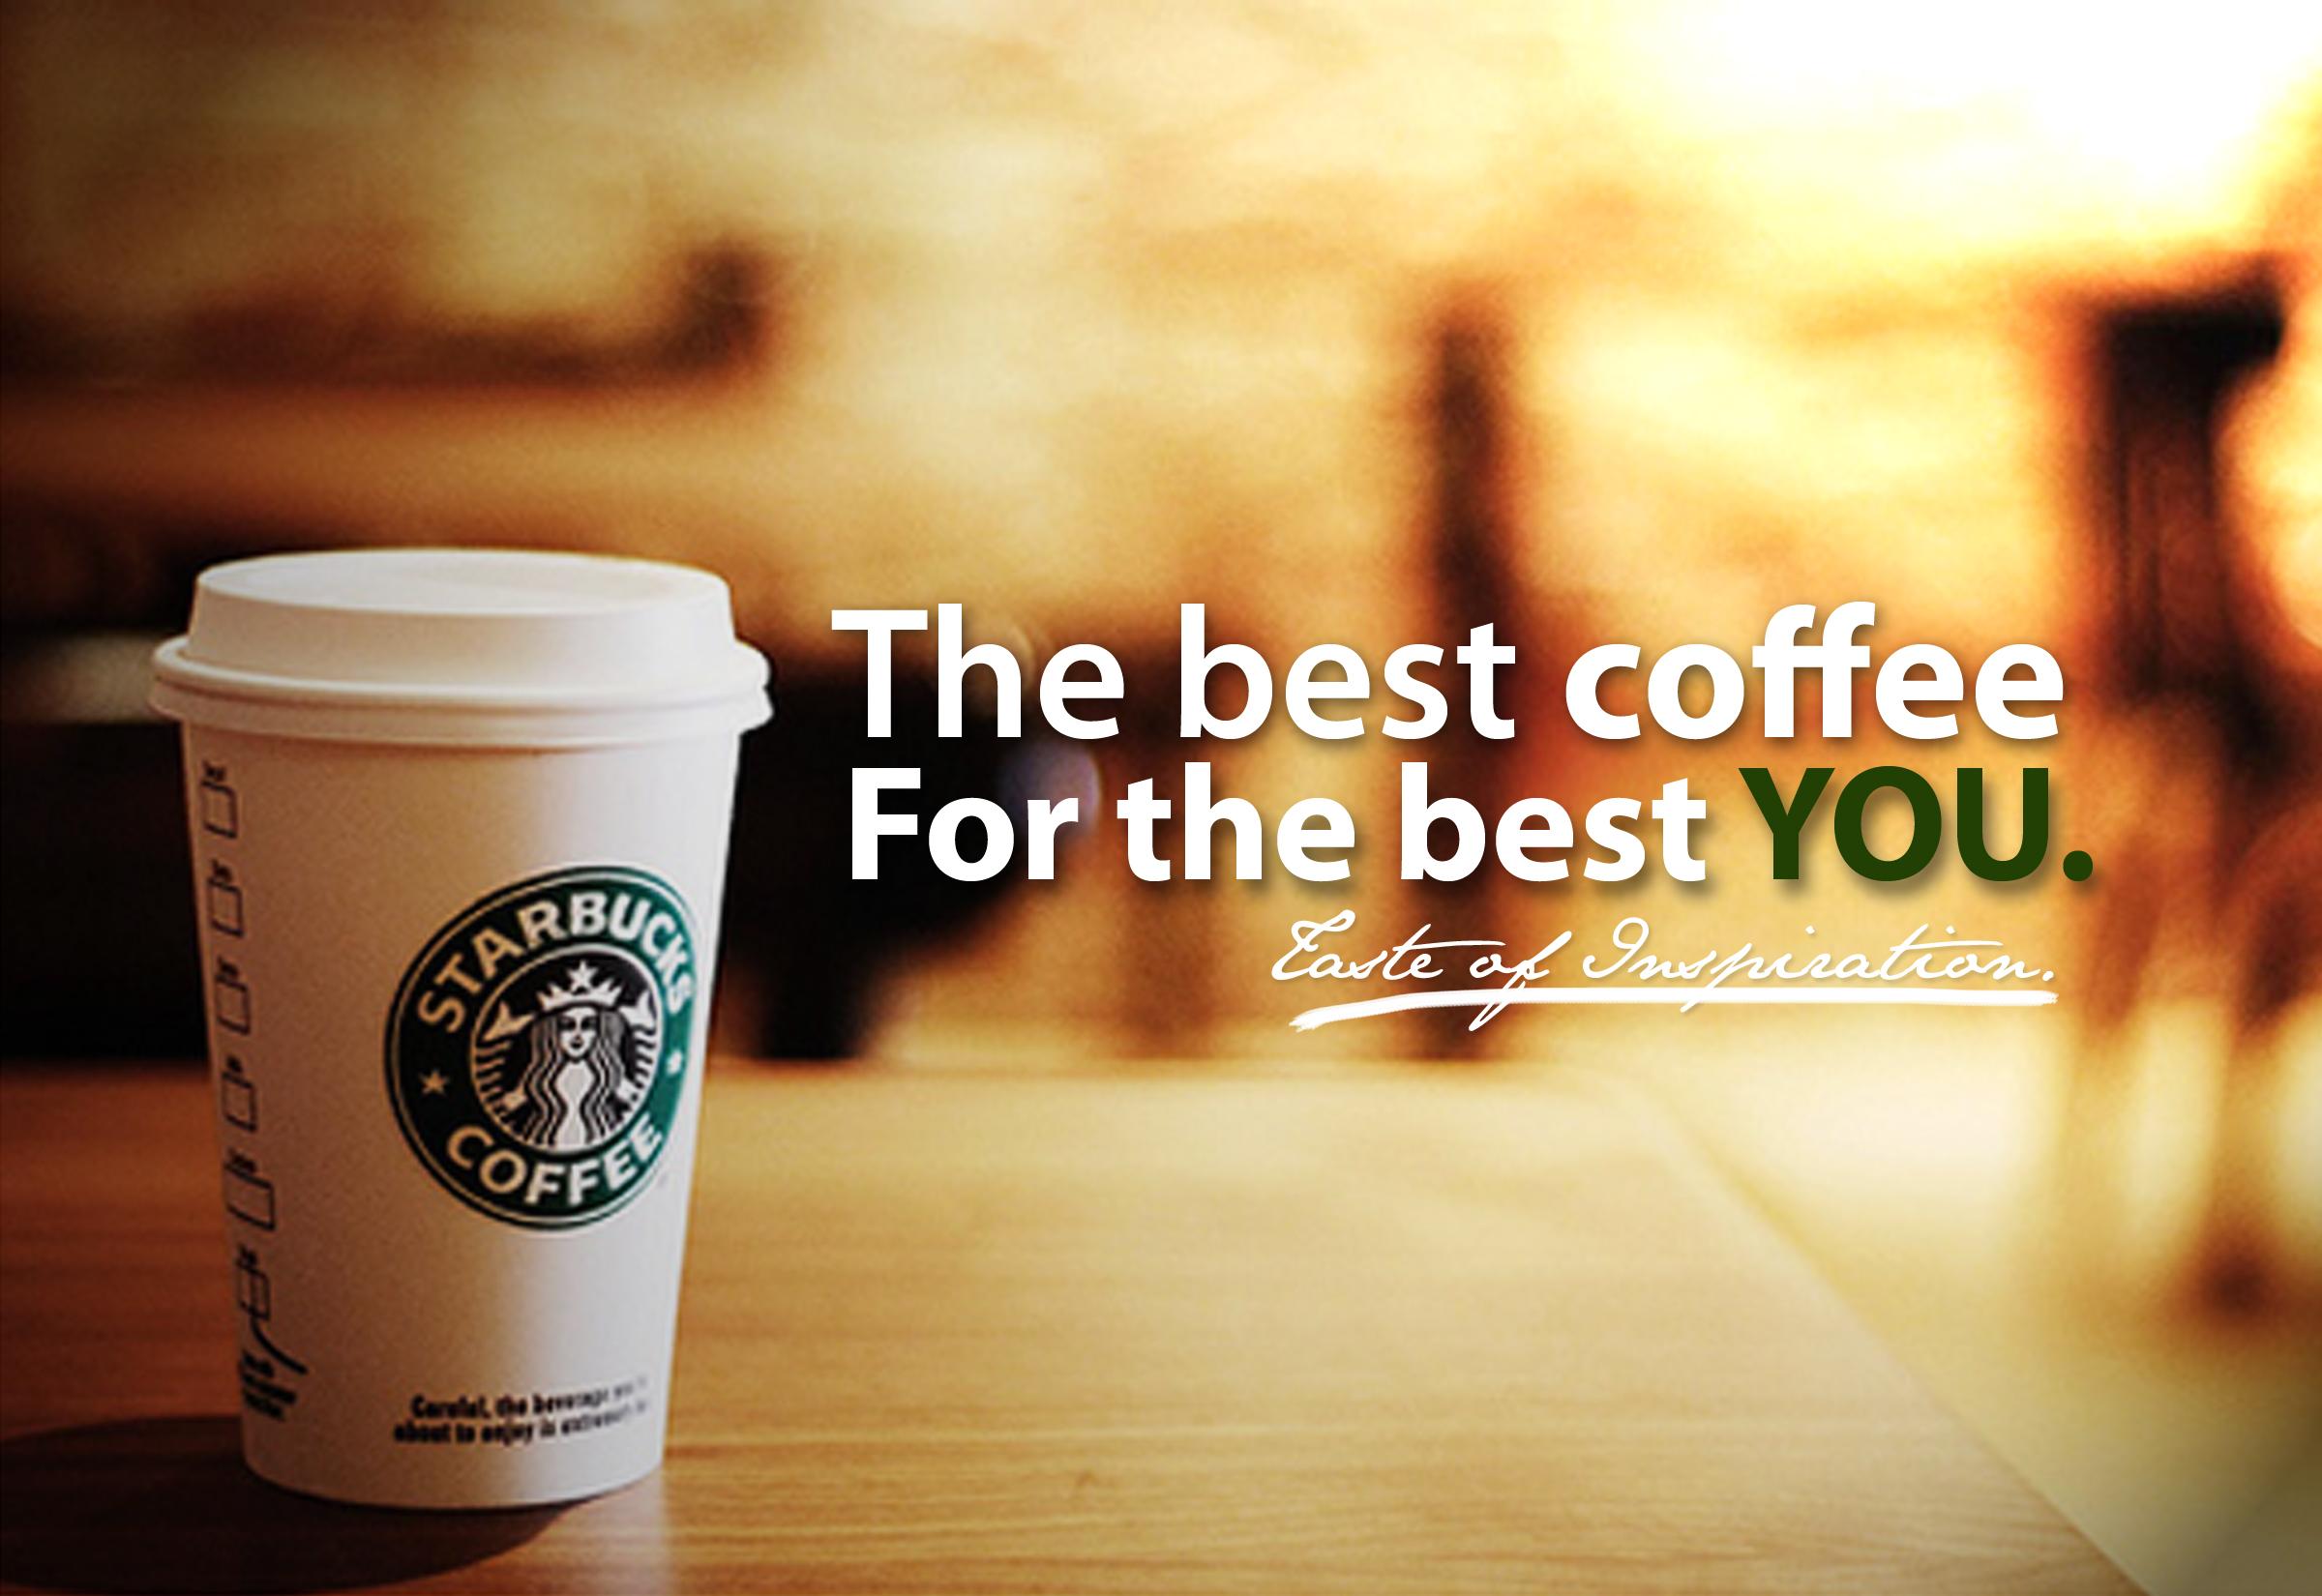 Starbucks-Cafe.jpg